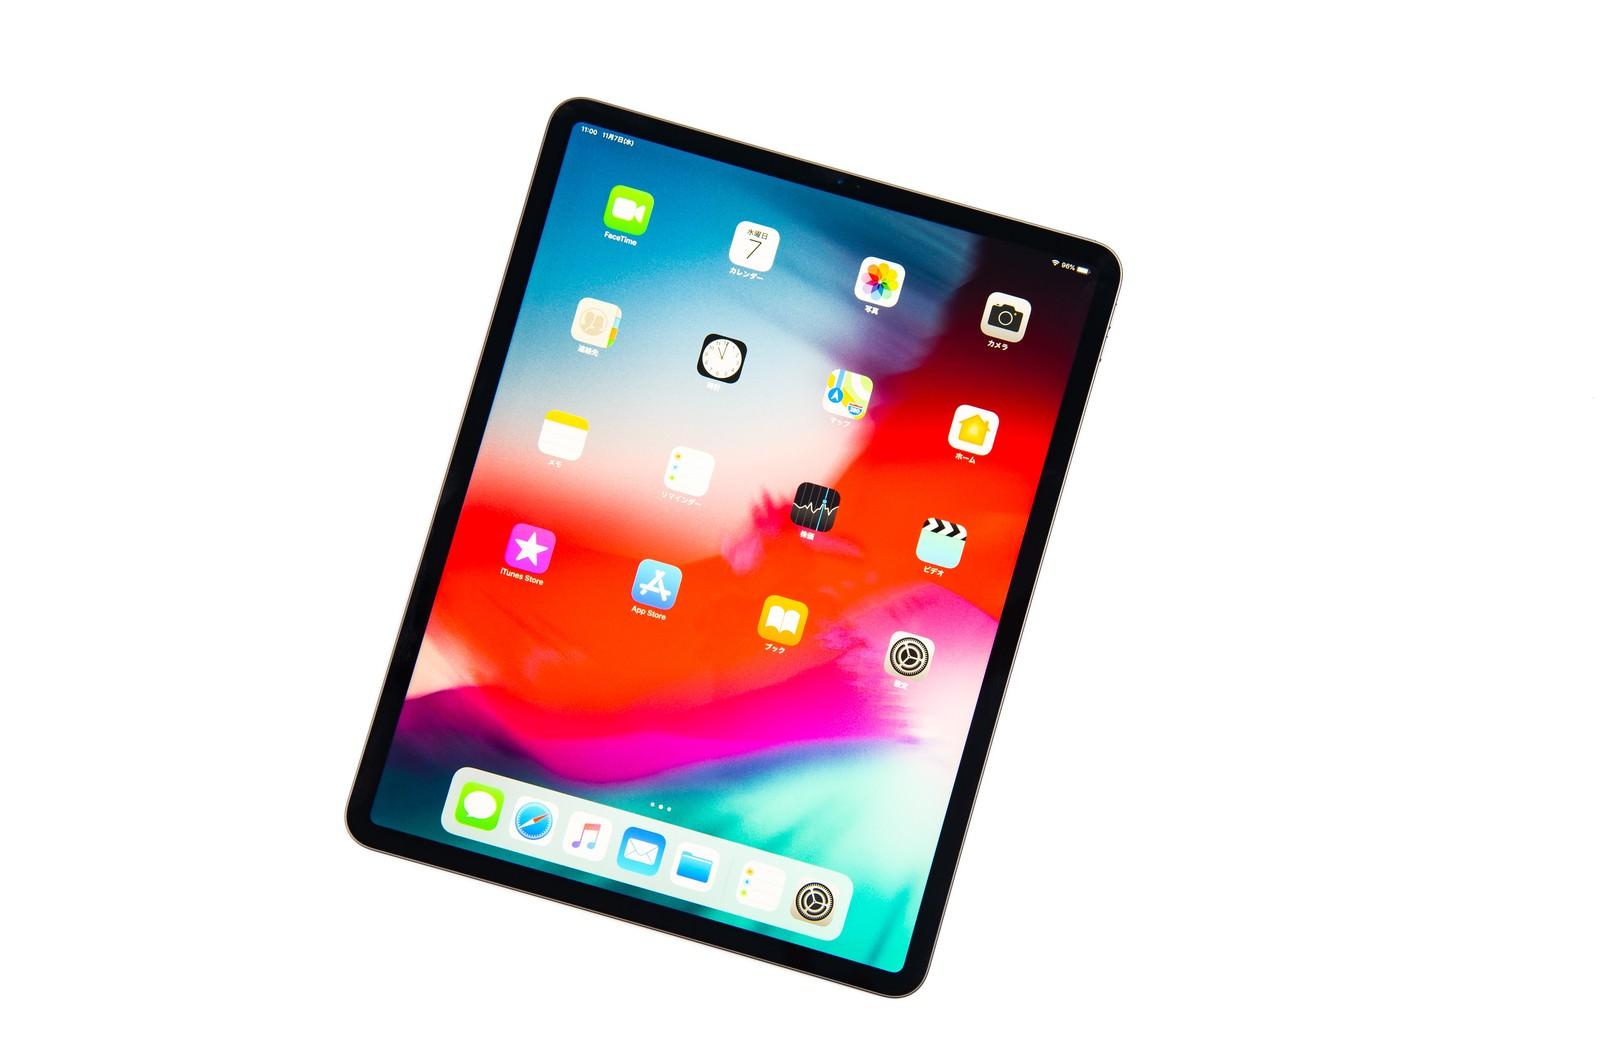 「傾けたタブレット端末(12.9インチ iPad Pro 2018)のホーム画面」の写真